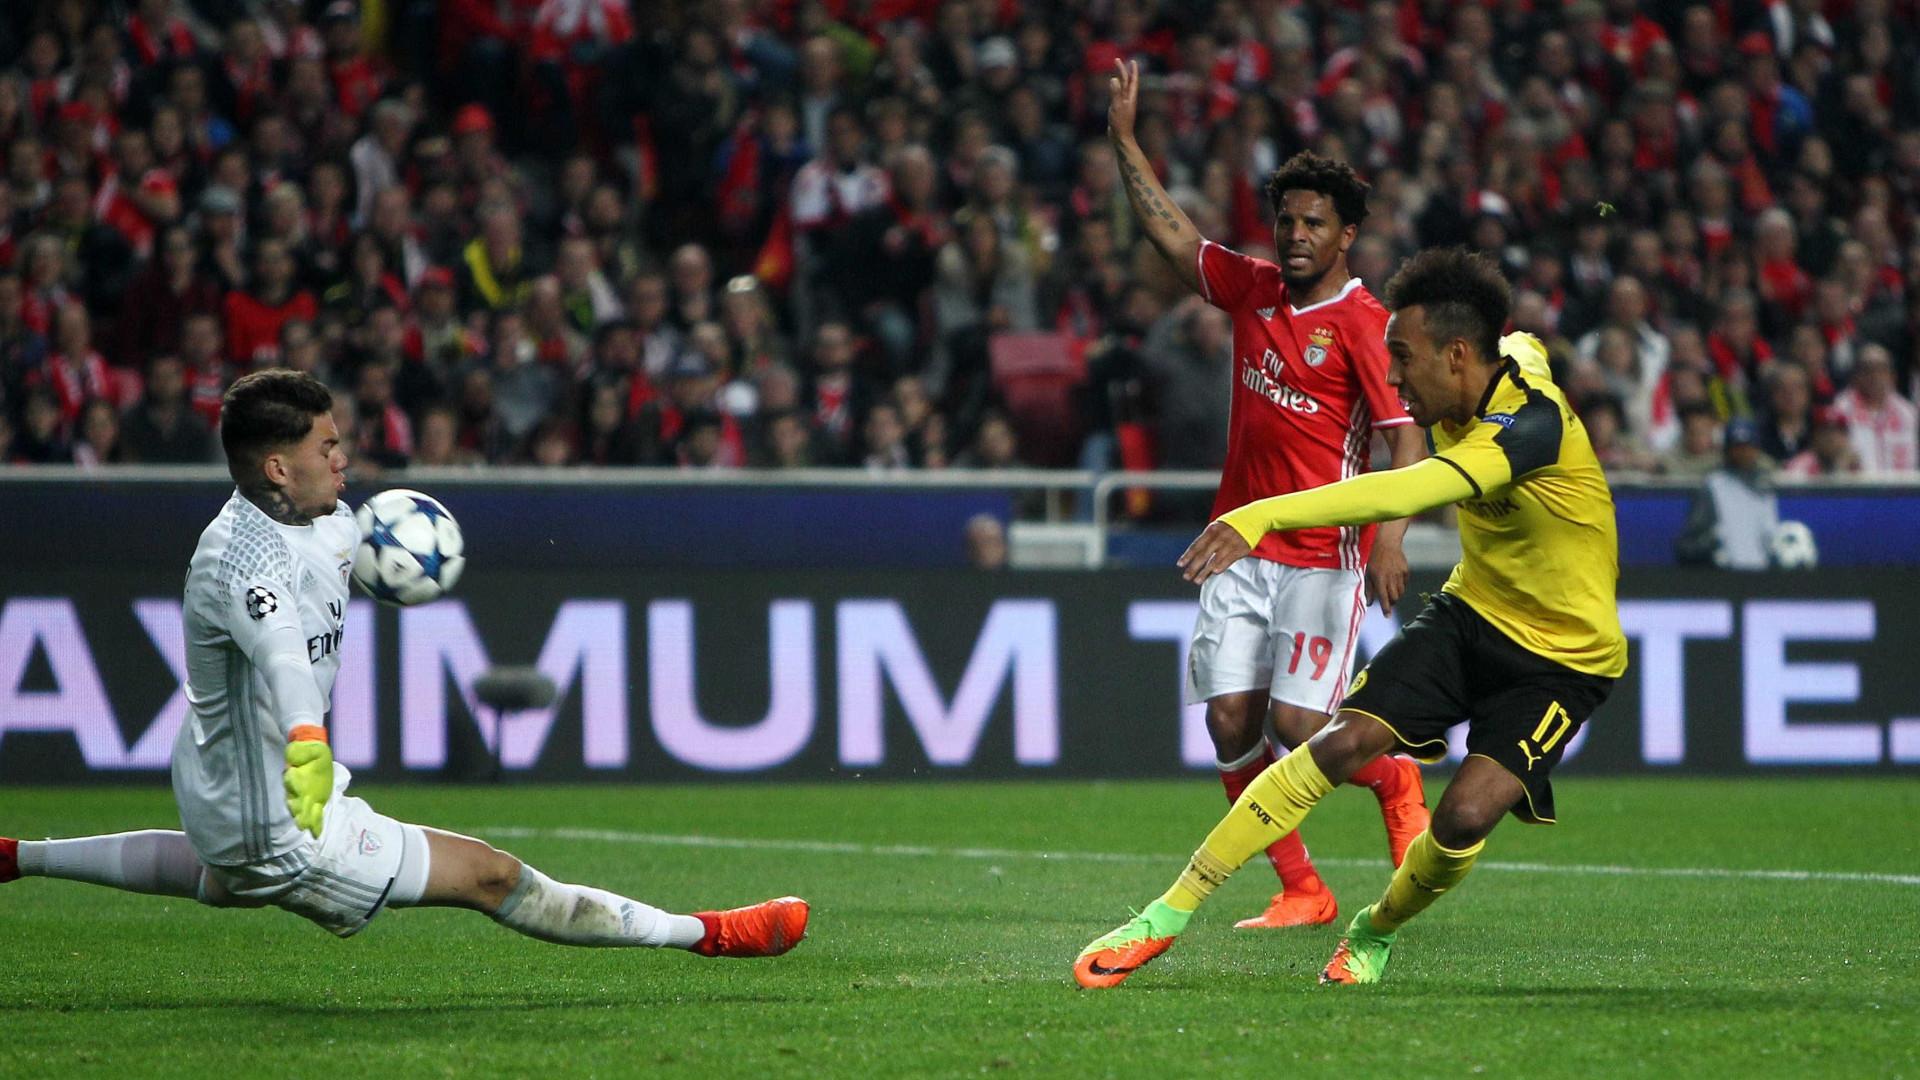 José Mourinho atribui vitória do Benfica ao desempenho de Ederson